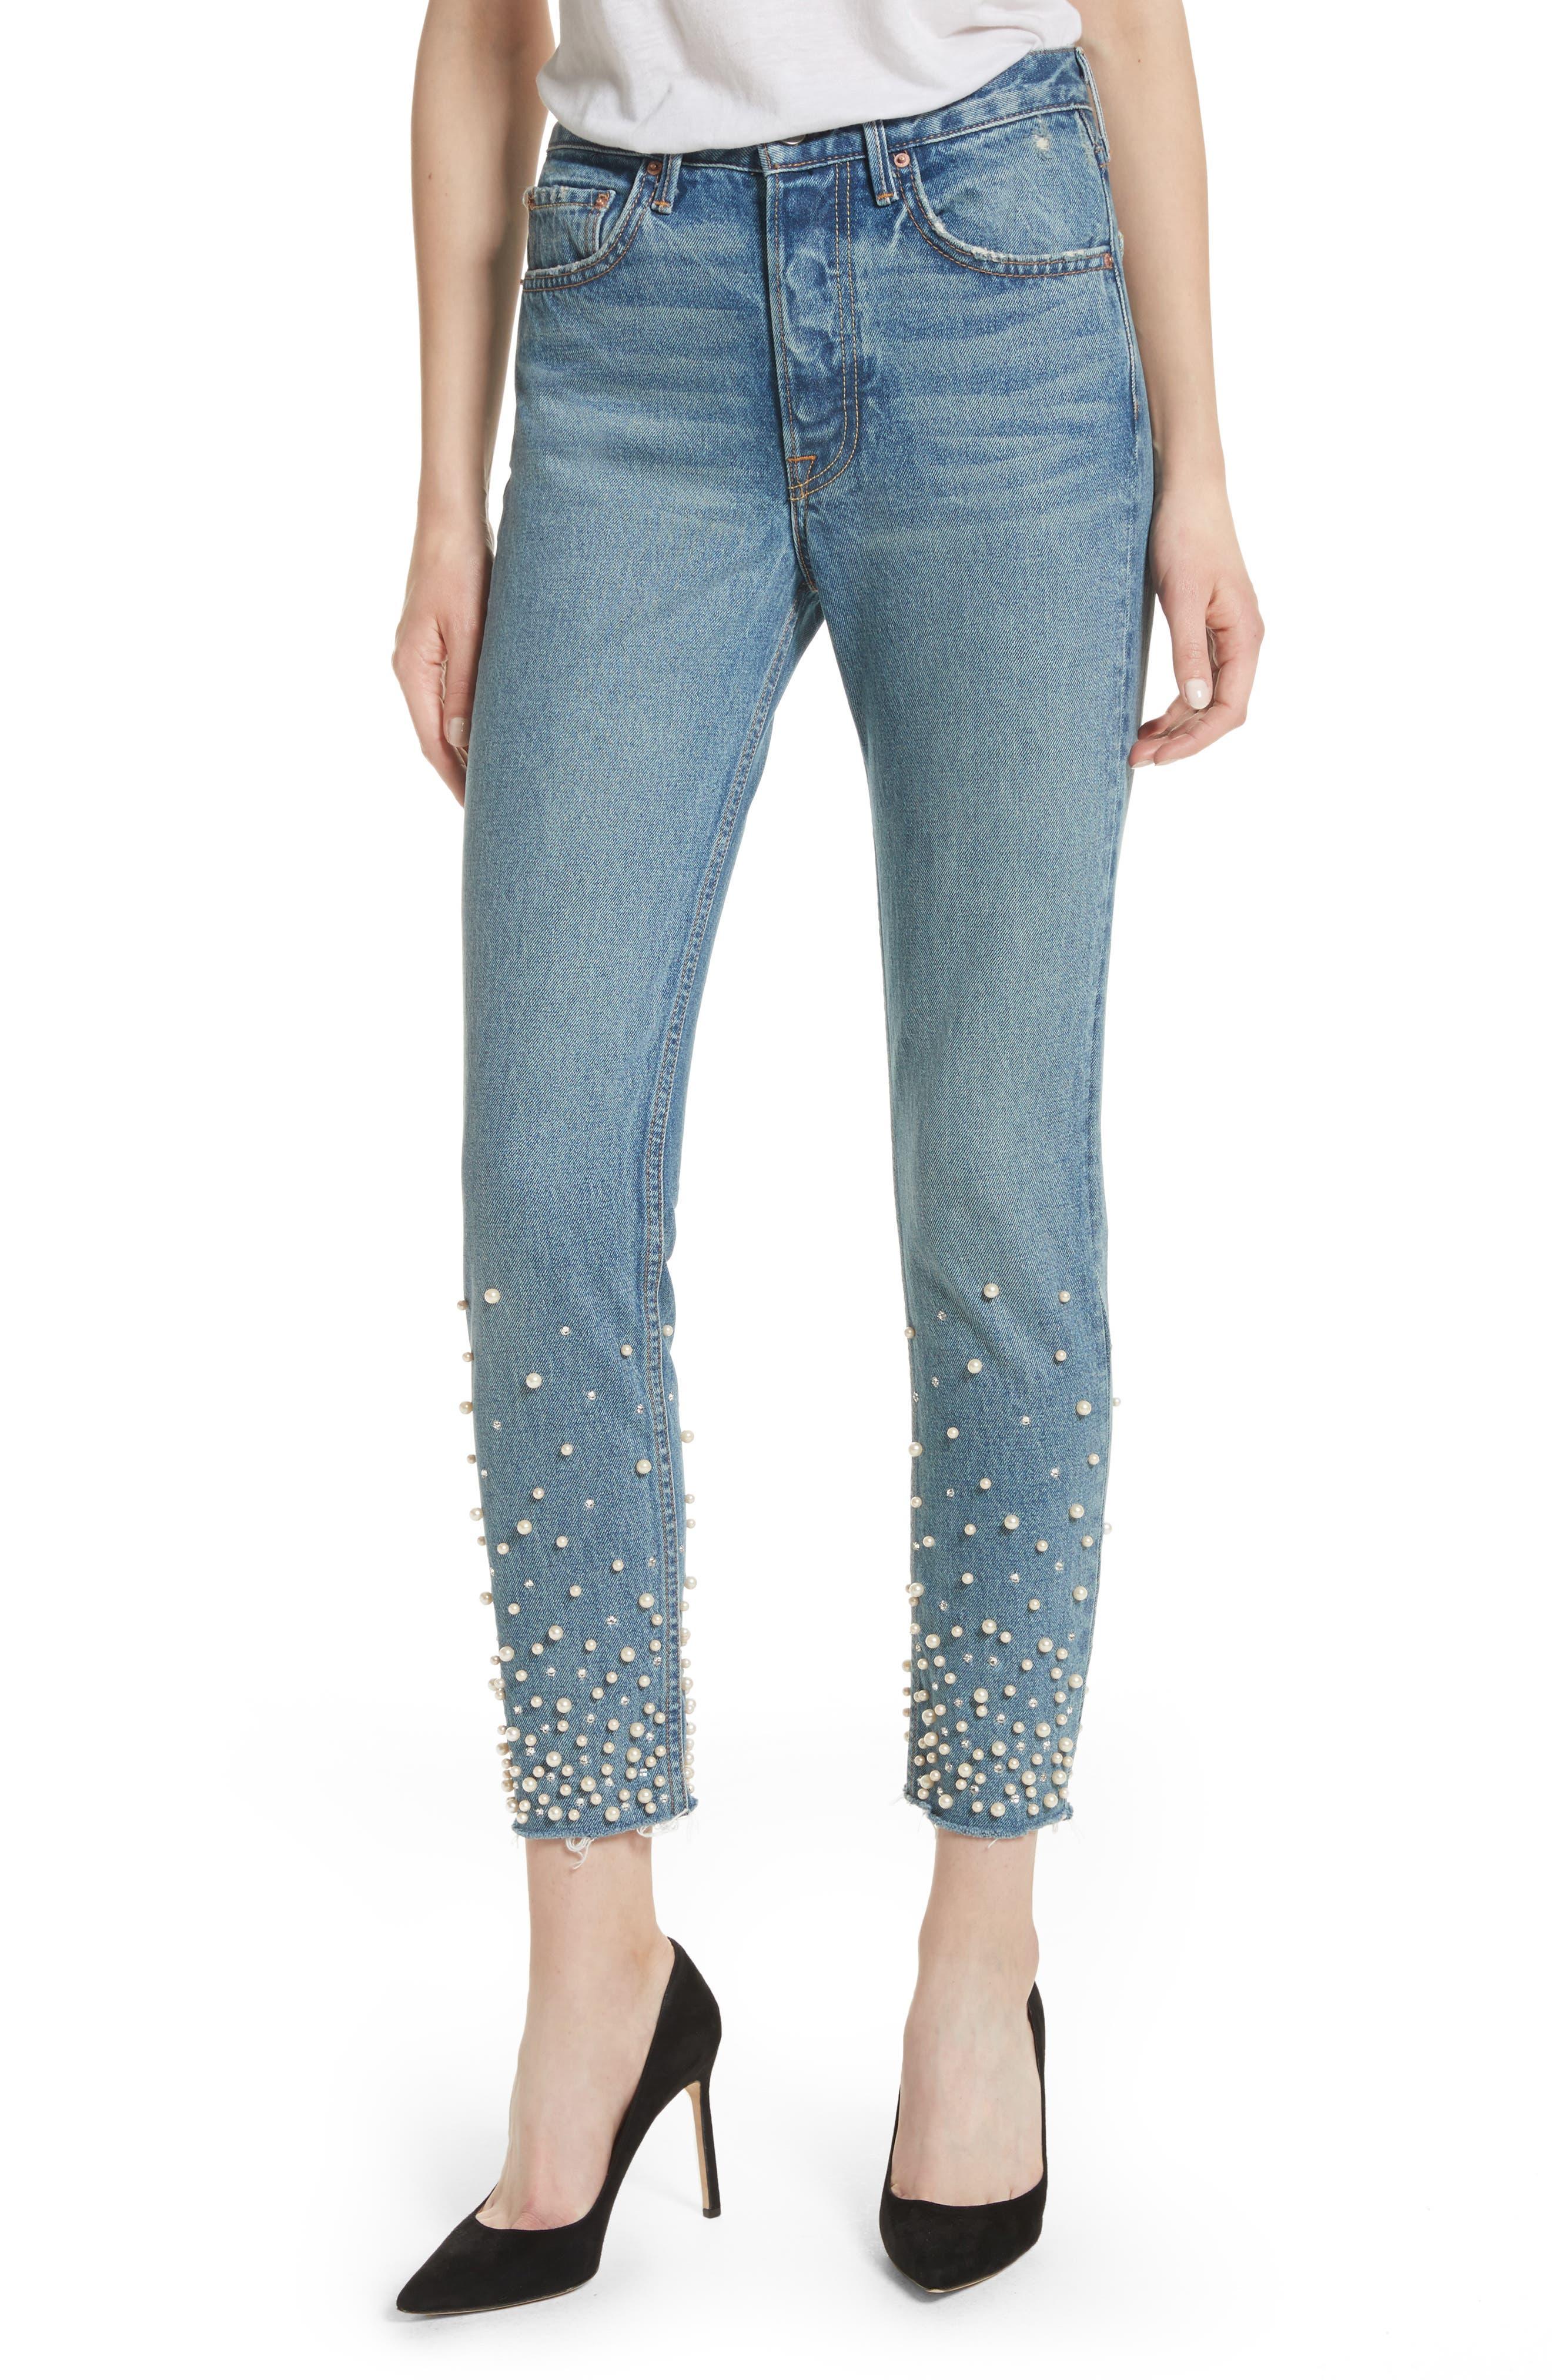 Alternate Image 1 Selected - GRLFRND Karolina Faux Pearl & Crystal Embellished Rigid High Waist Skinny Jeans (Morning Star)